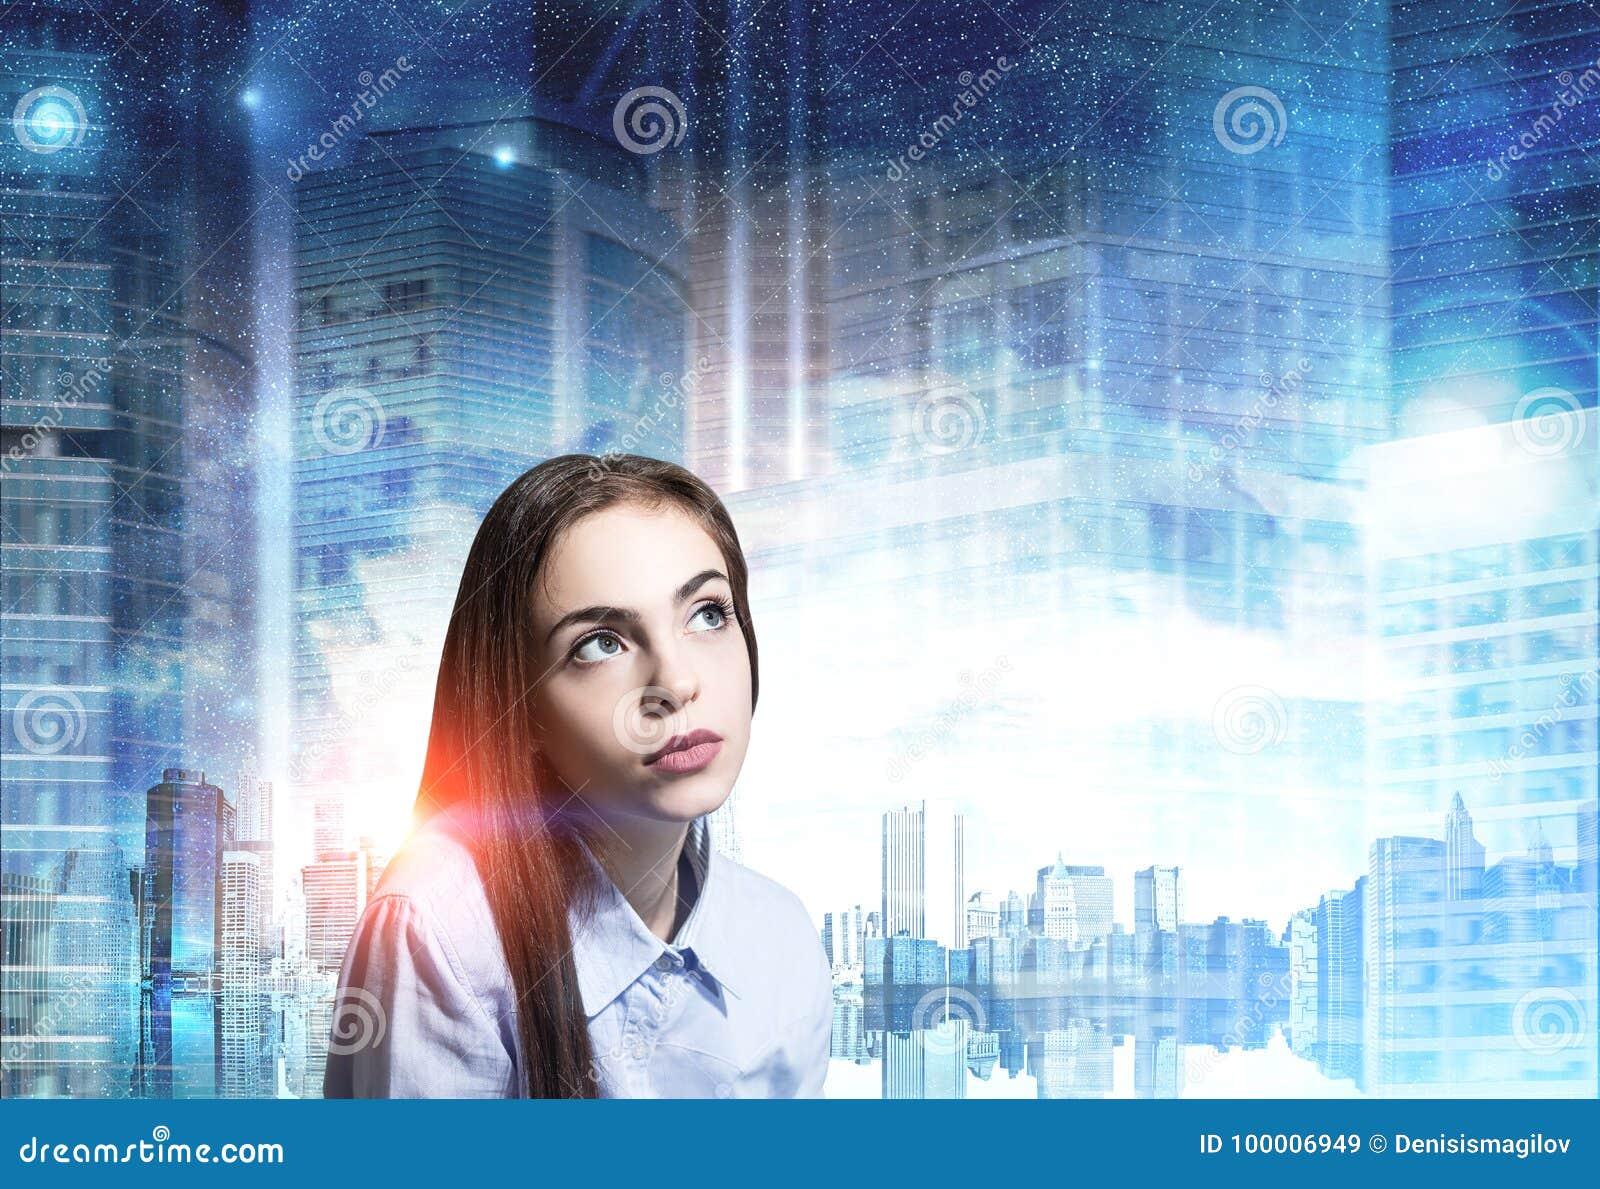 Stäng sig upp av en drömlik ung kvinna, blå stad